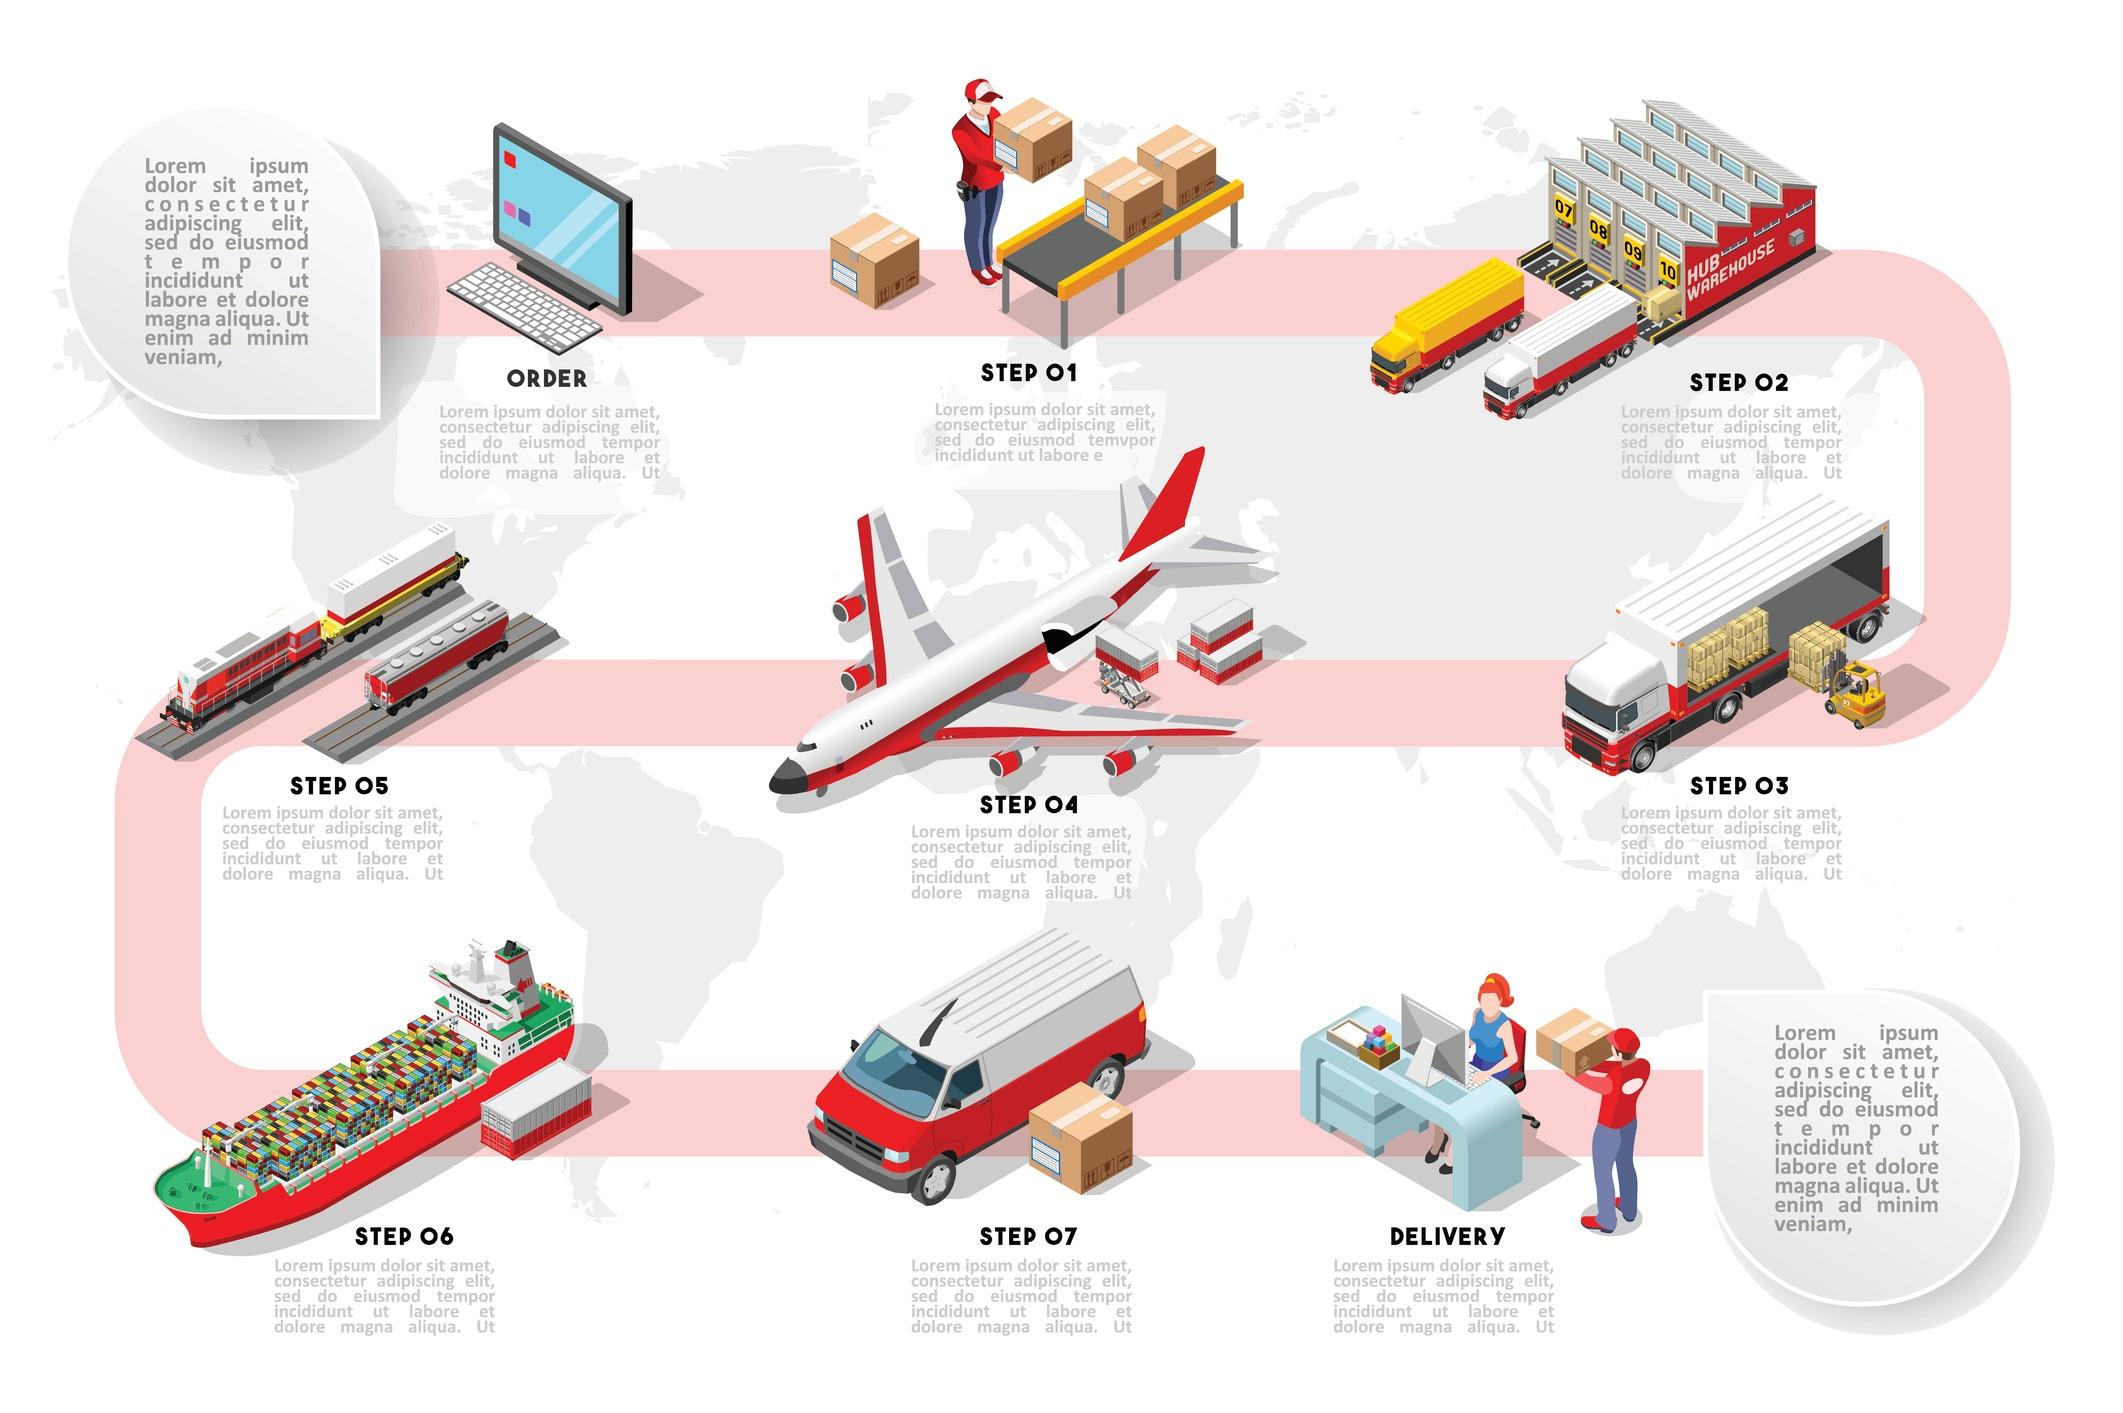 【輸出】国際発送の種類とSAL利用時のポイント